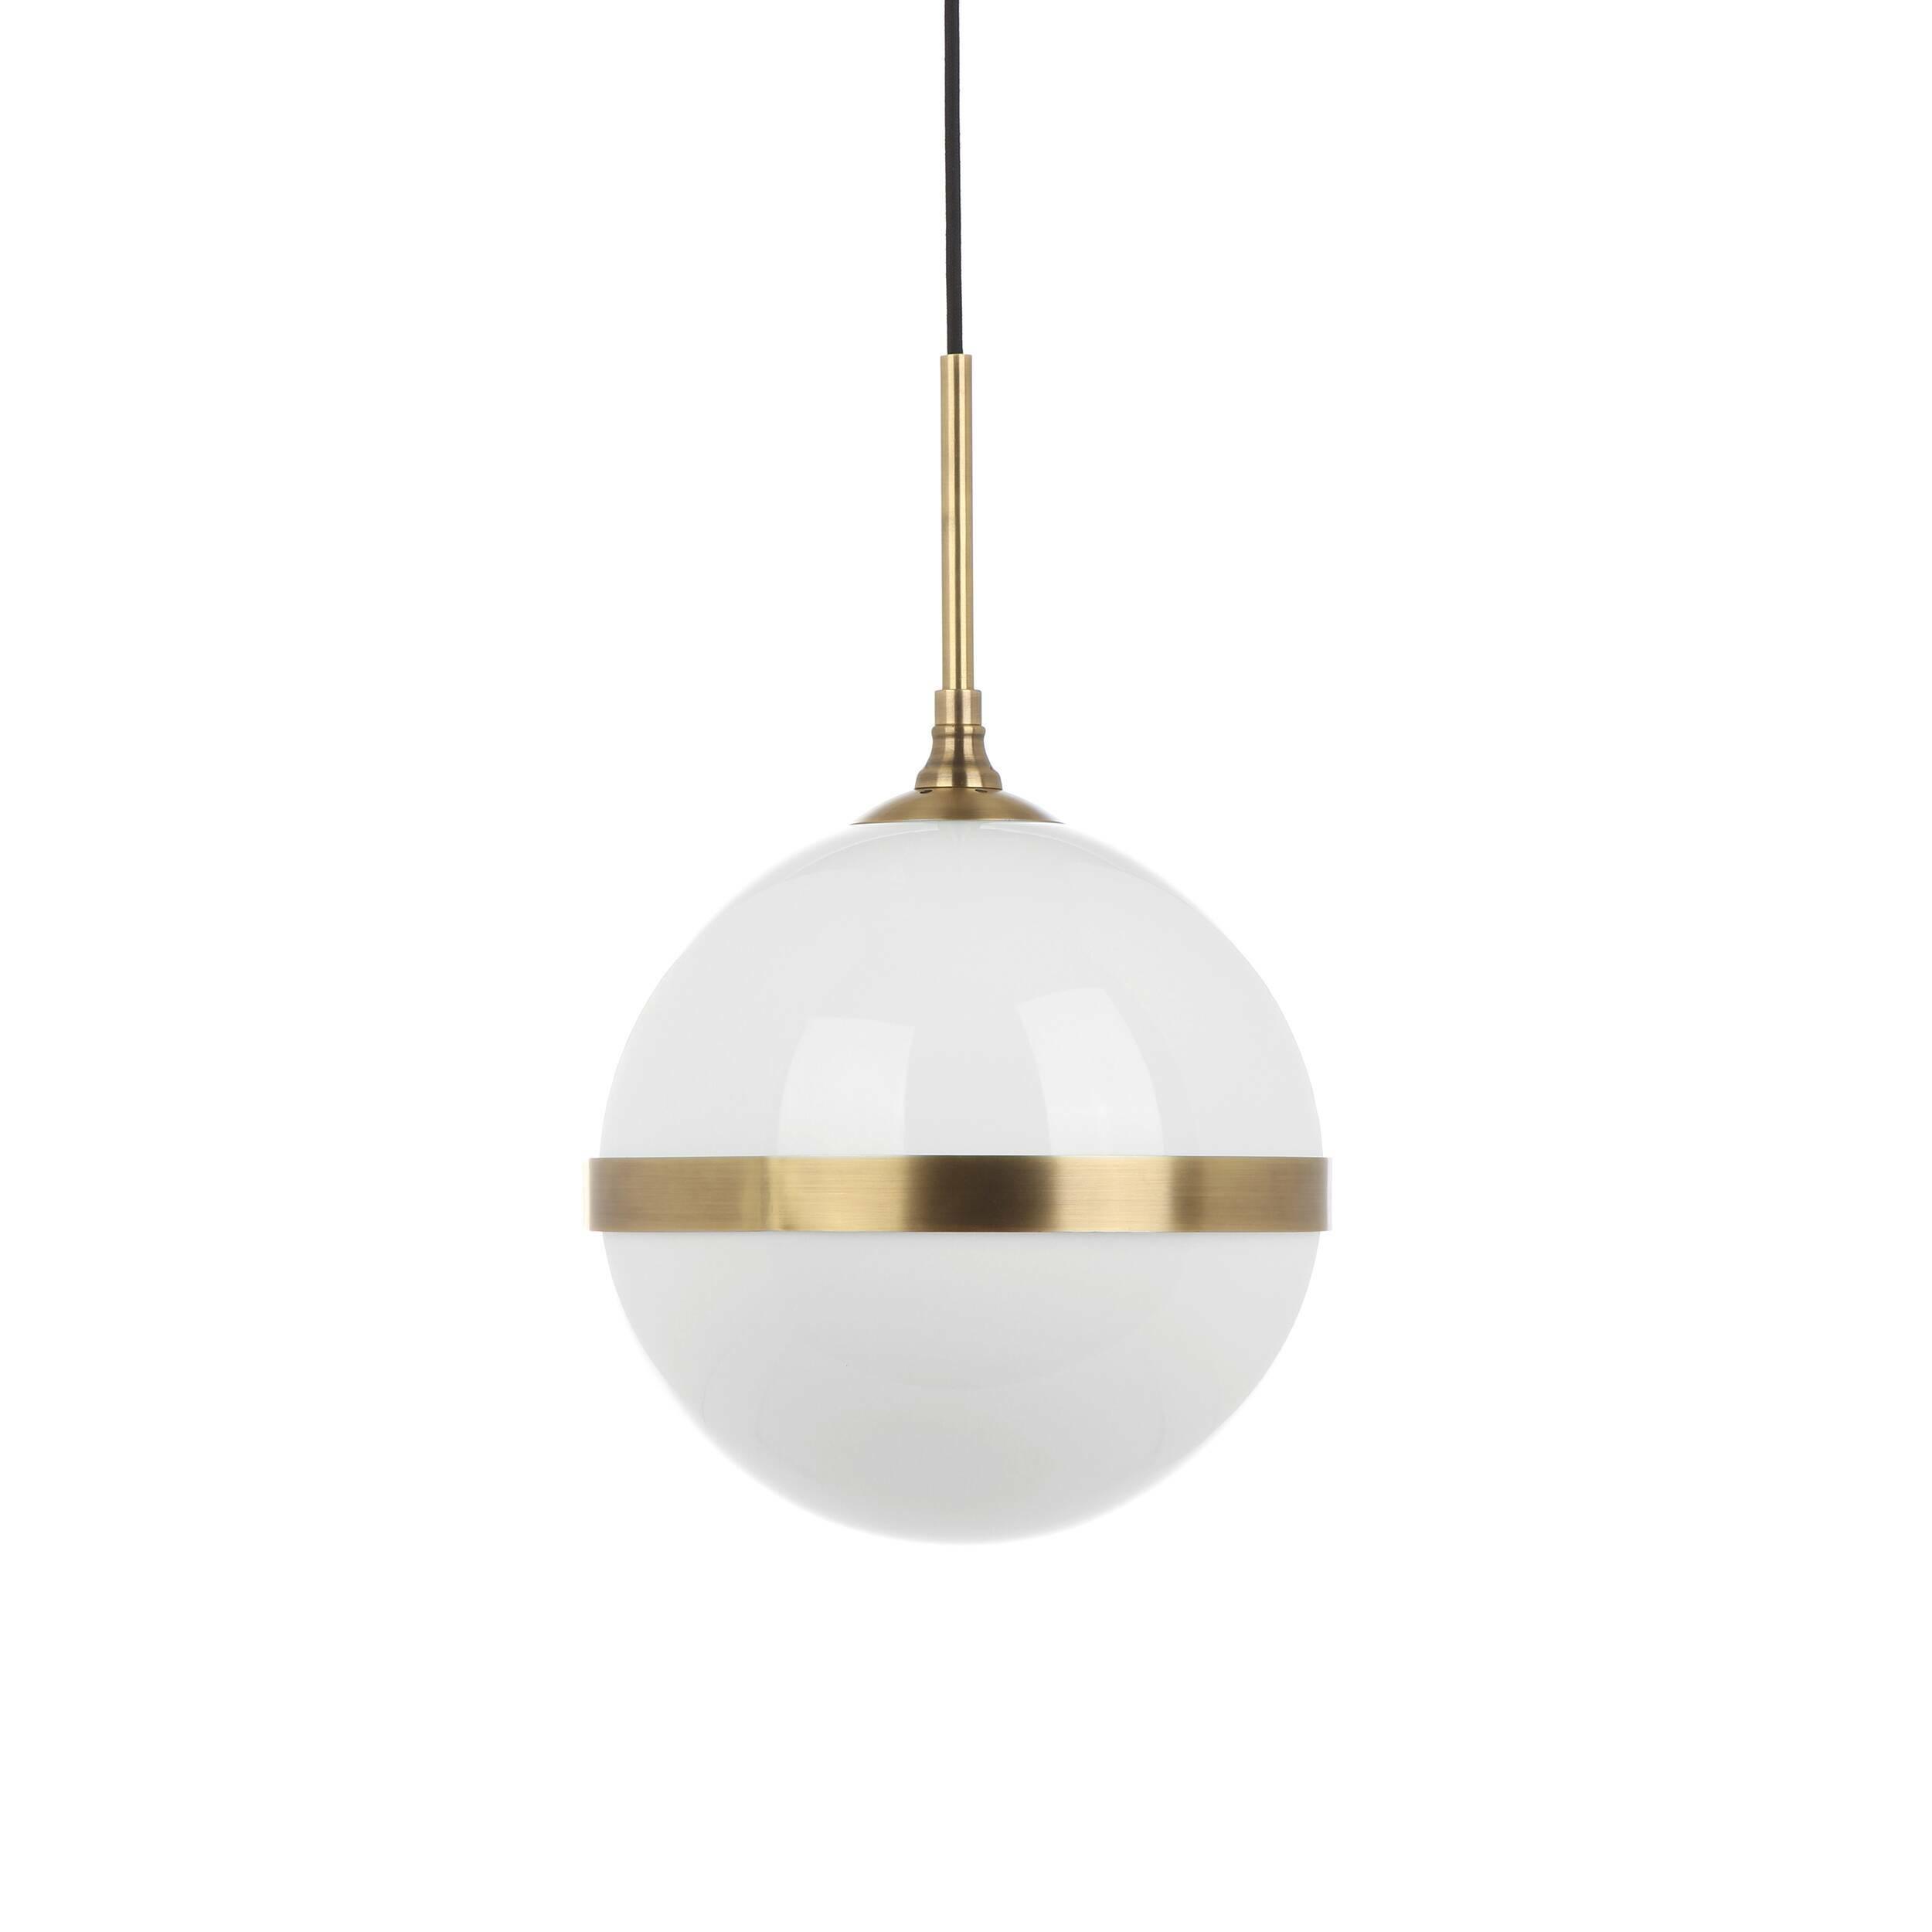 Подвесной светильник StarkeyПодвесные<br>Элегантный дизайнерский подвесной светильник Starkey (Старки) представляет собой красивый шар с минимумом деталей и декора. Изделие обладает красивейшей цветовой гаммой – латунный цвет очень похож на цвет старинного золота и всегда роскошно смотрится в интерьере.<br><br><br> Модель изготавливается из латуни и стекла. Для ее создания берутся только качественные материалы, что гарантирует надежность и долговечность светильника.<br><br><br> Оригинальный подвесной светильник Starkey – это универсальное...<br><br>stock: 0<br>Высота: 180<br>Диаметр: 30<br>Материал абажура: Стекло<br>Материал арматуры: Латунь<br>Мощность лампы: 40<br>Тип лампы/цоколь: E27<br>Цвет арматуры: Латунь